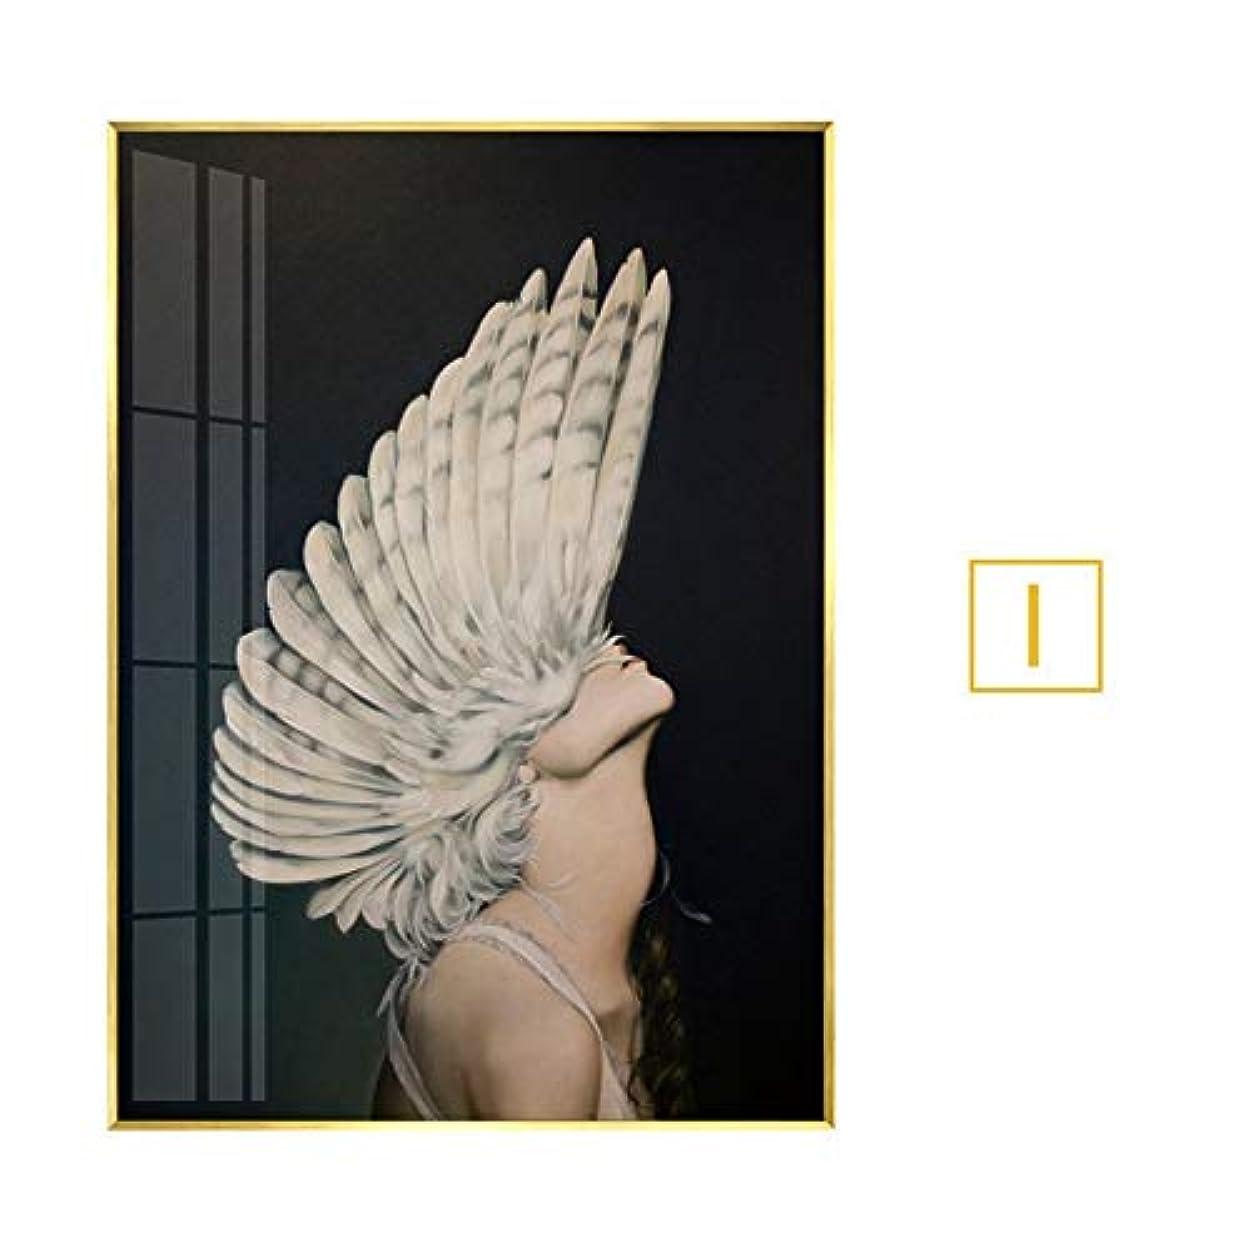 うめき声エンゲージメント栄光の木製フォトフレーム フォトフレーム6 x 4フレームローズゴールドウォールアート銅フォトフレーム風景フォトフレームフォトフレームガラス シングルフォトフレーム (Color : I, Size : 30X40 (PS frame))